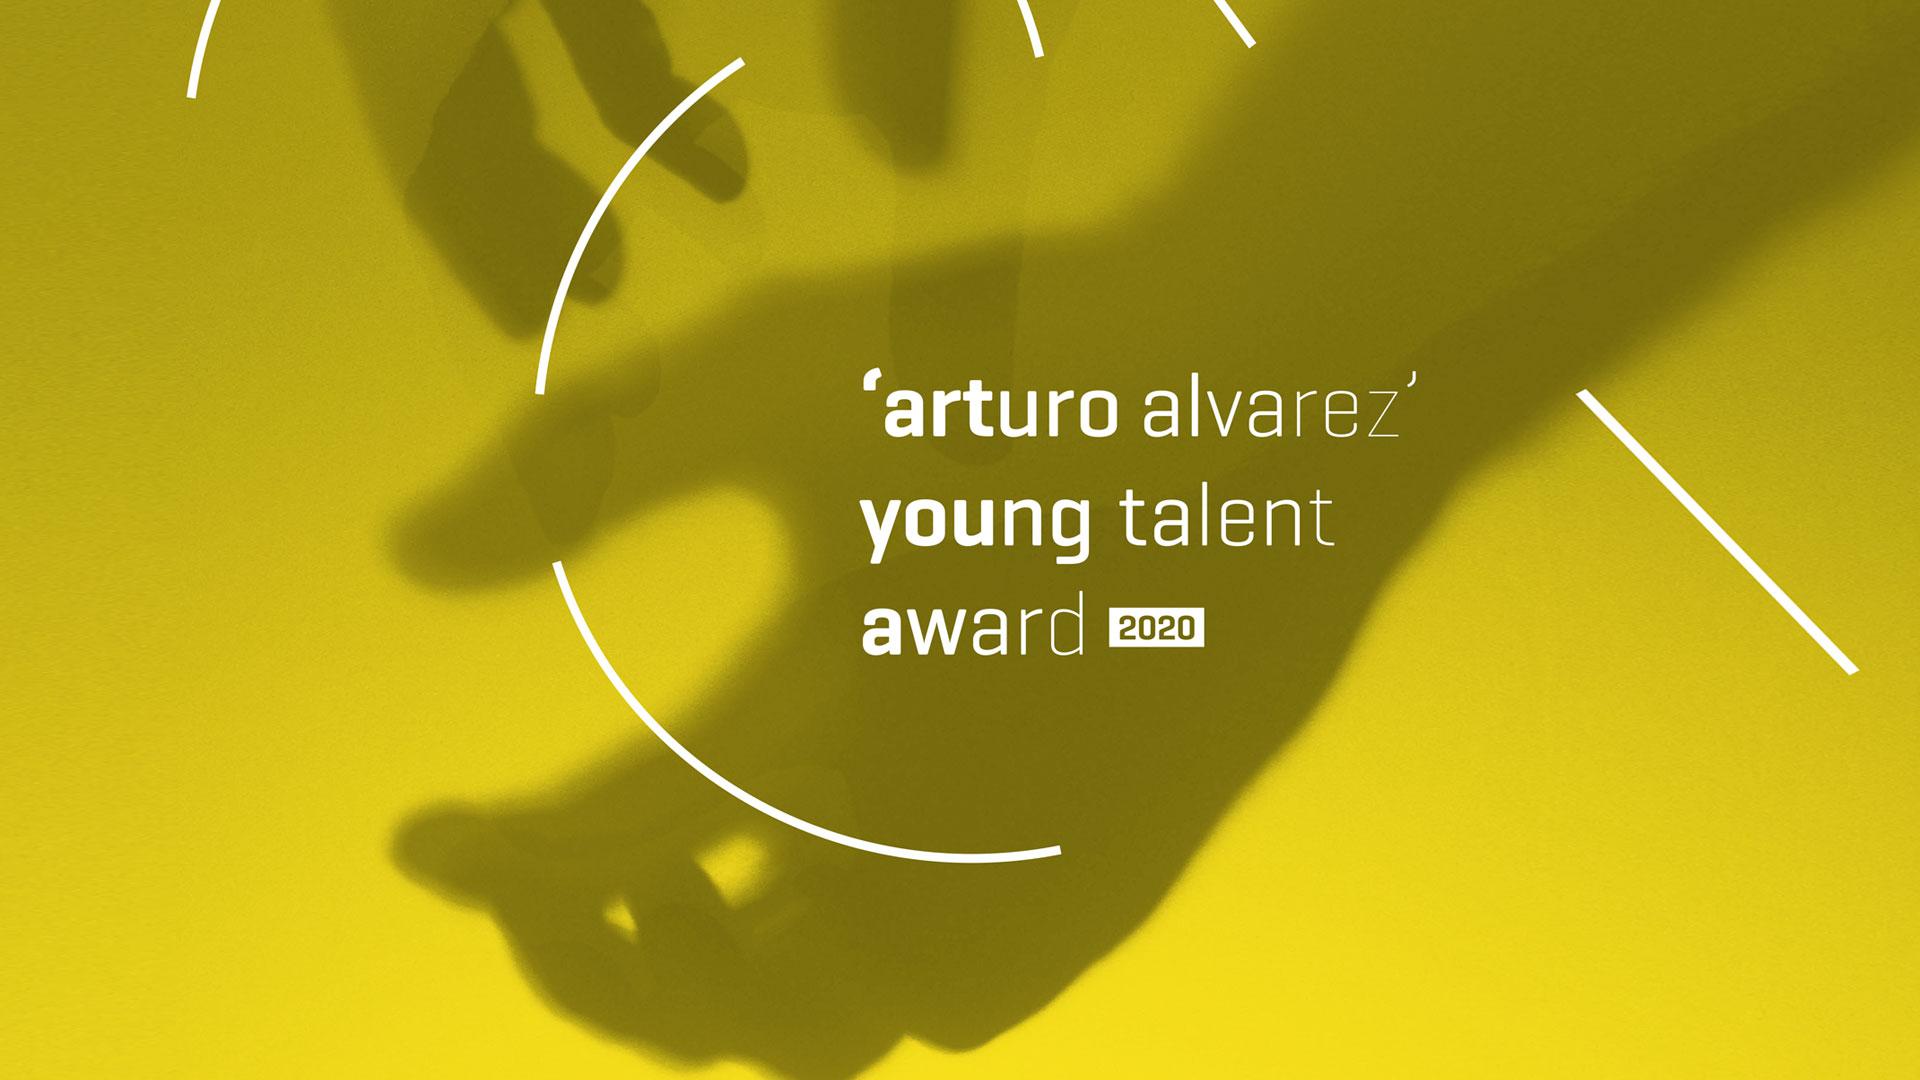 Arturo Alvarez – Young Talent Award 2020